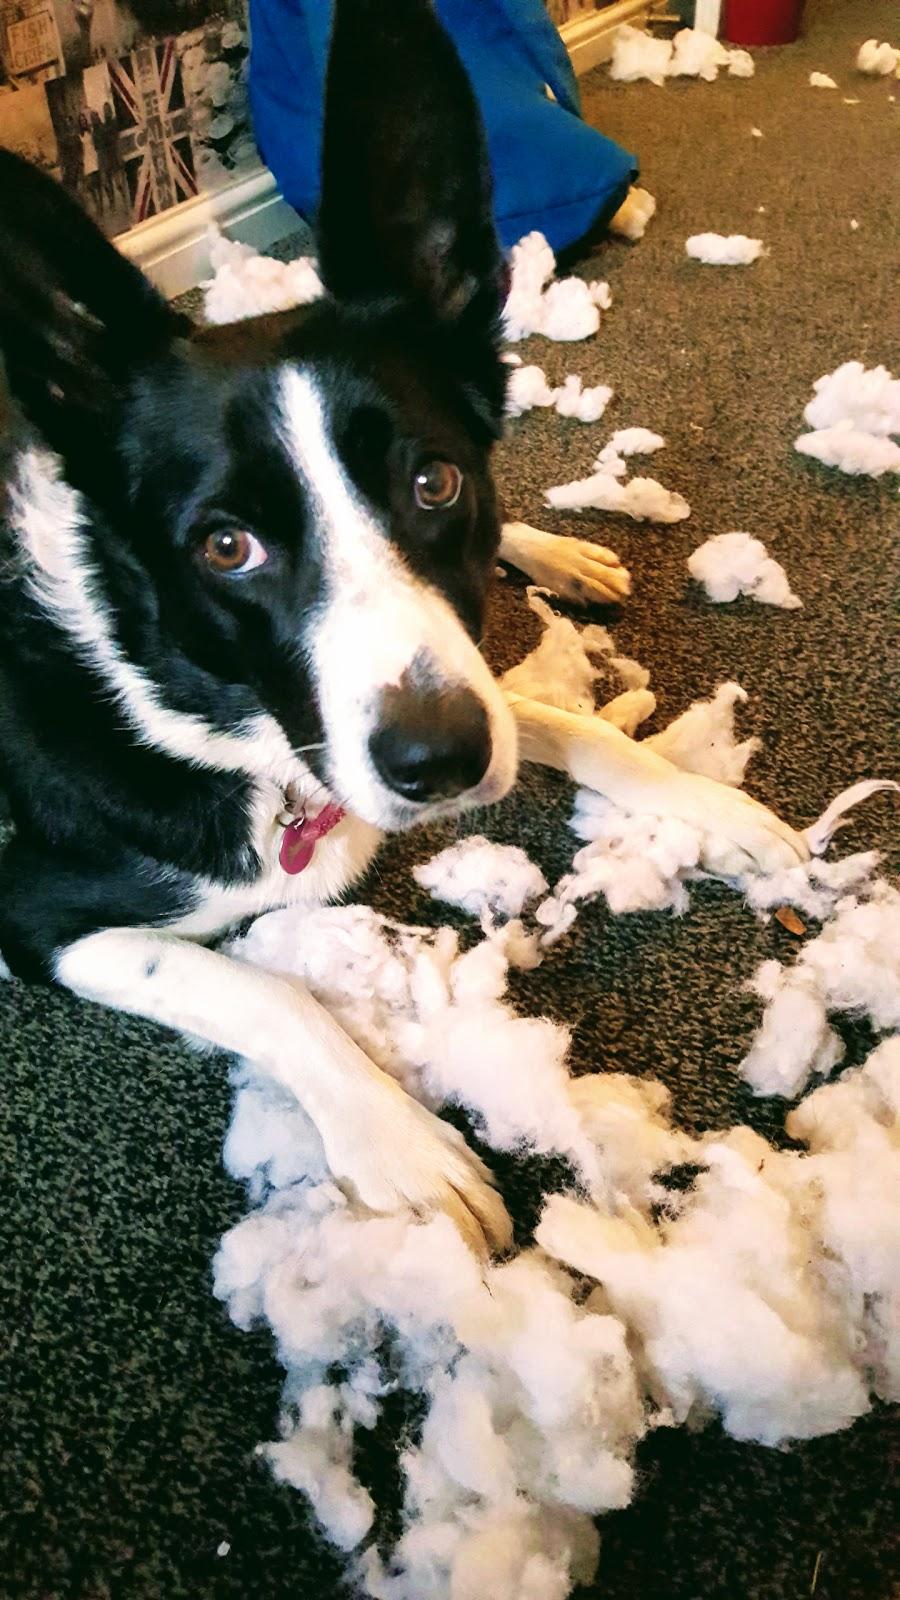 It Wasn't Me!?